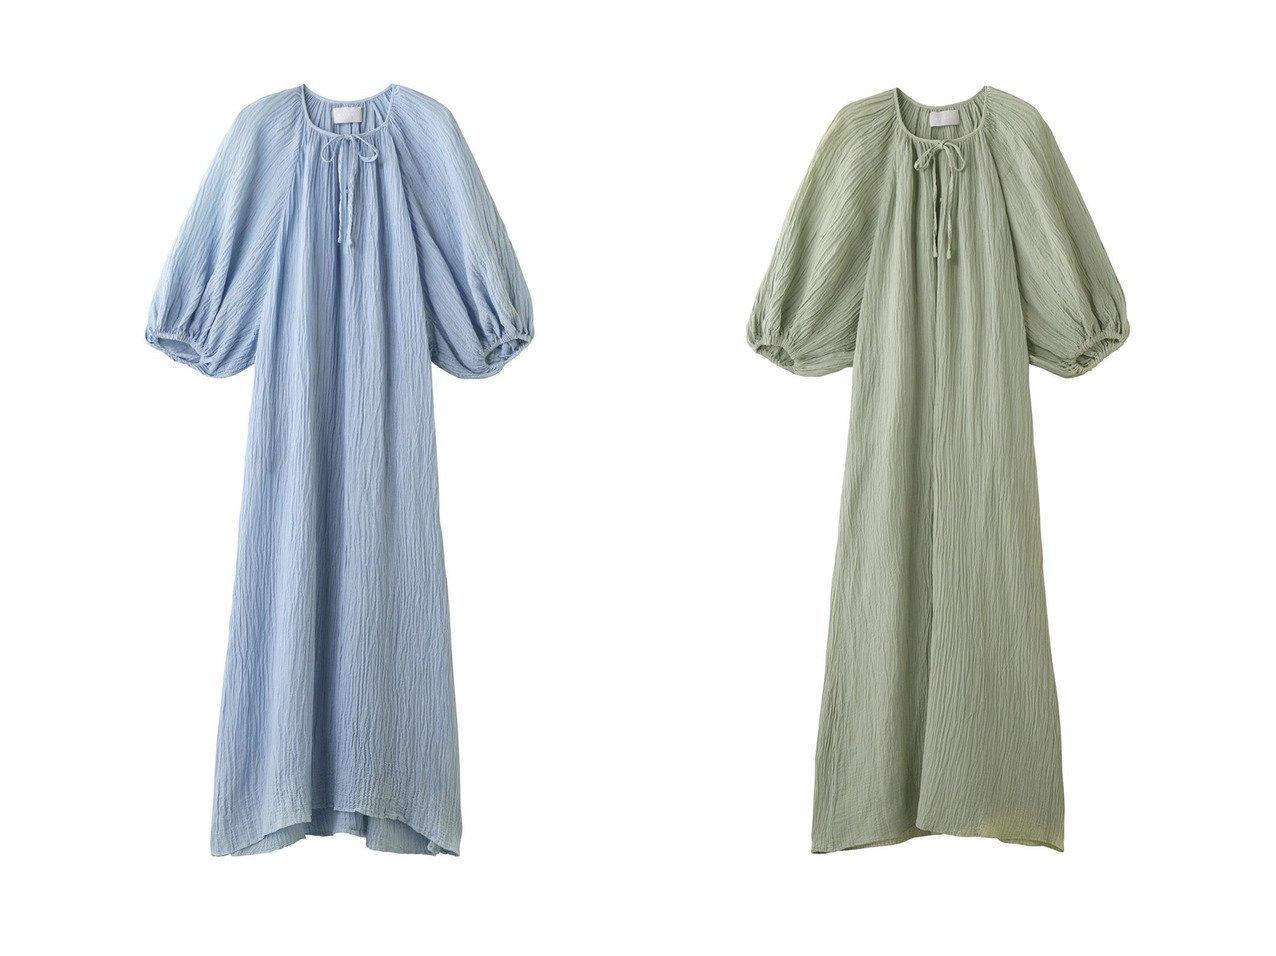 【MARILYN MOON/マリリンムーン】の【WALANCE】【草木染め】ナチュラルダイプリーツドレス 【ワンピース・ドレス】おすすめ!人気、トレンド・レディースファッションの通販 おすすめで人気の流行・トレンド、ファッションの通販商品 インテリア・家具・メンズファッション・キッズファッション・レディースファッション・服の通販 founy(ファニー) https://founy.com/ ファッション Fashion レディースファッション WOMEN ワンピース Dress ドレス Party Dresses スリーブ ドレス マキシ リゾート ロング  ID:crp329100000040345